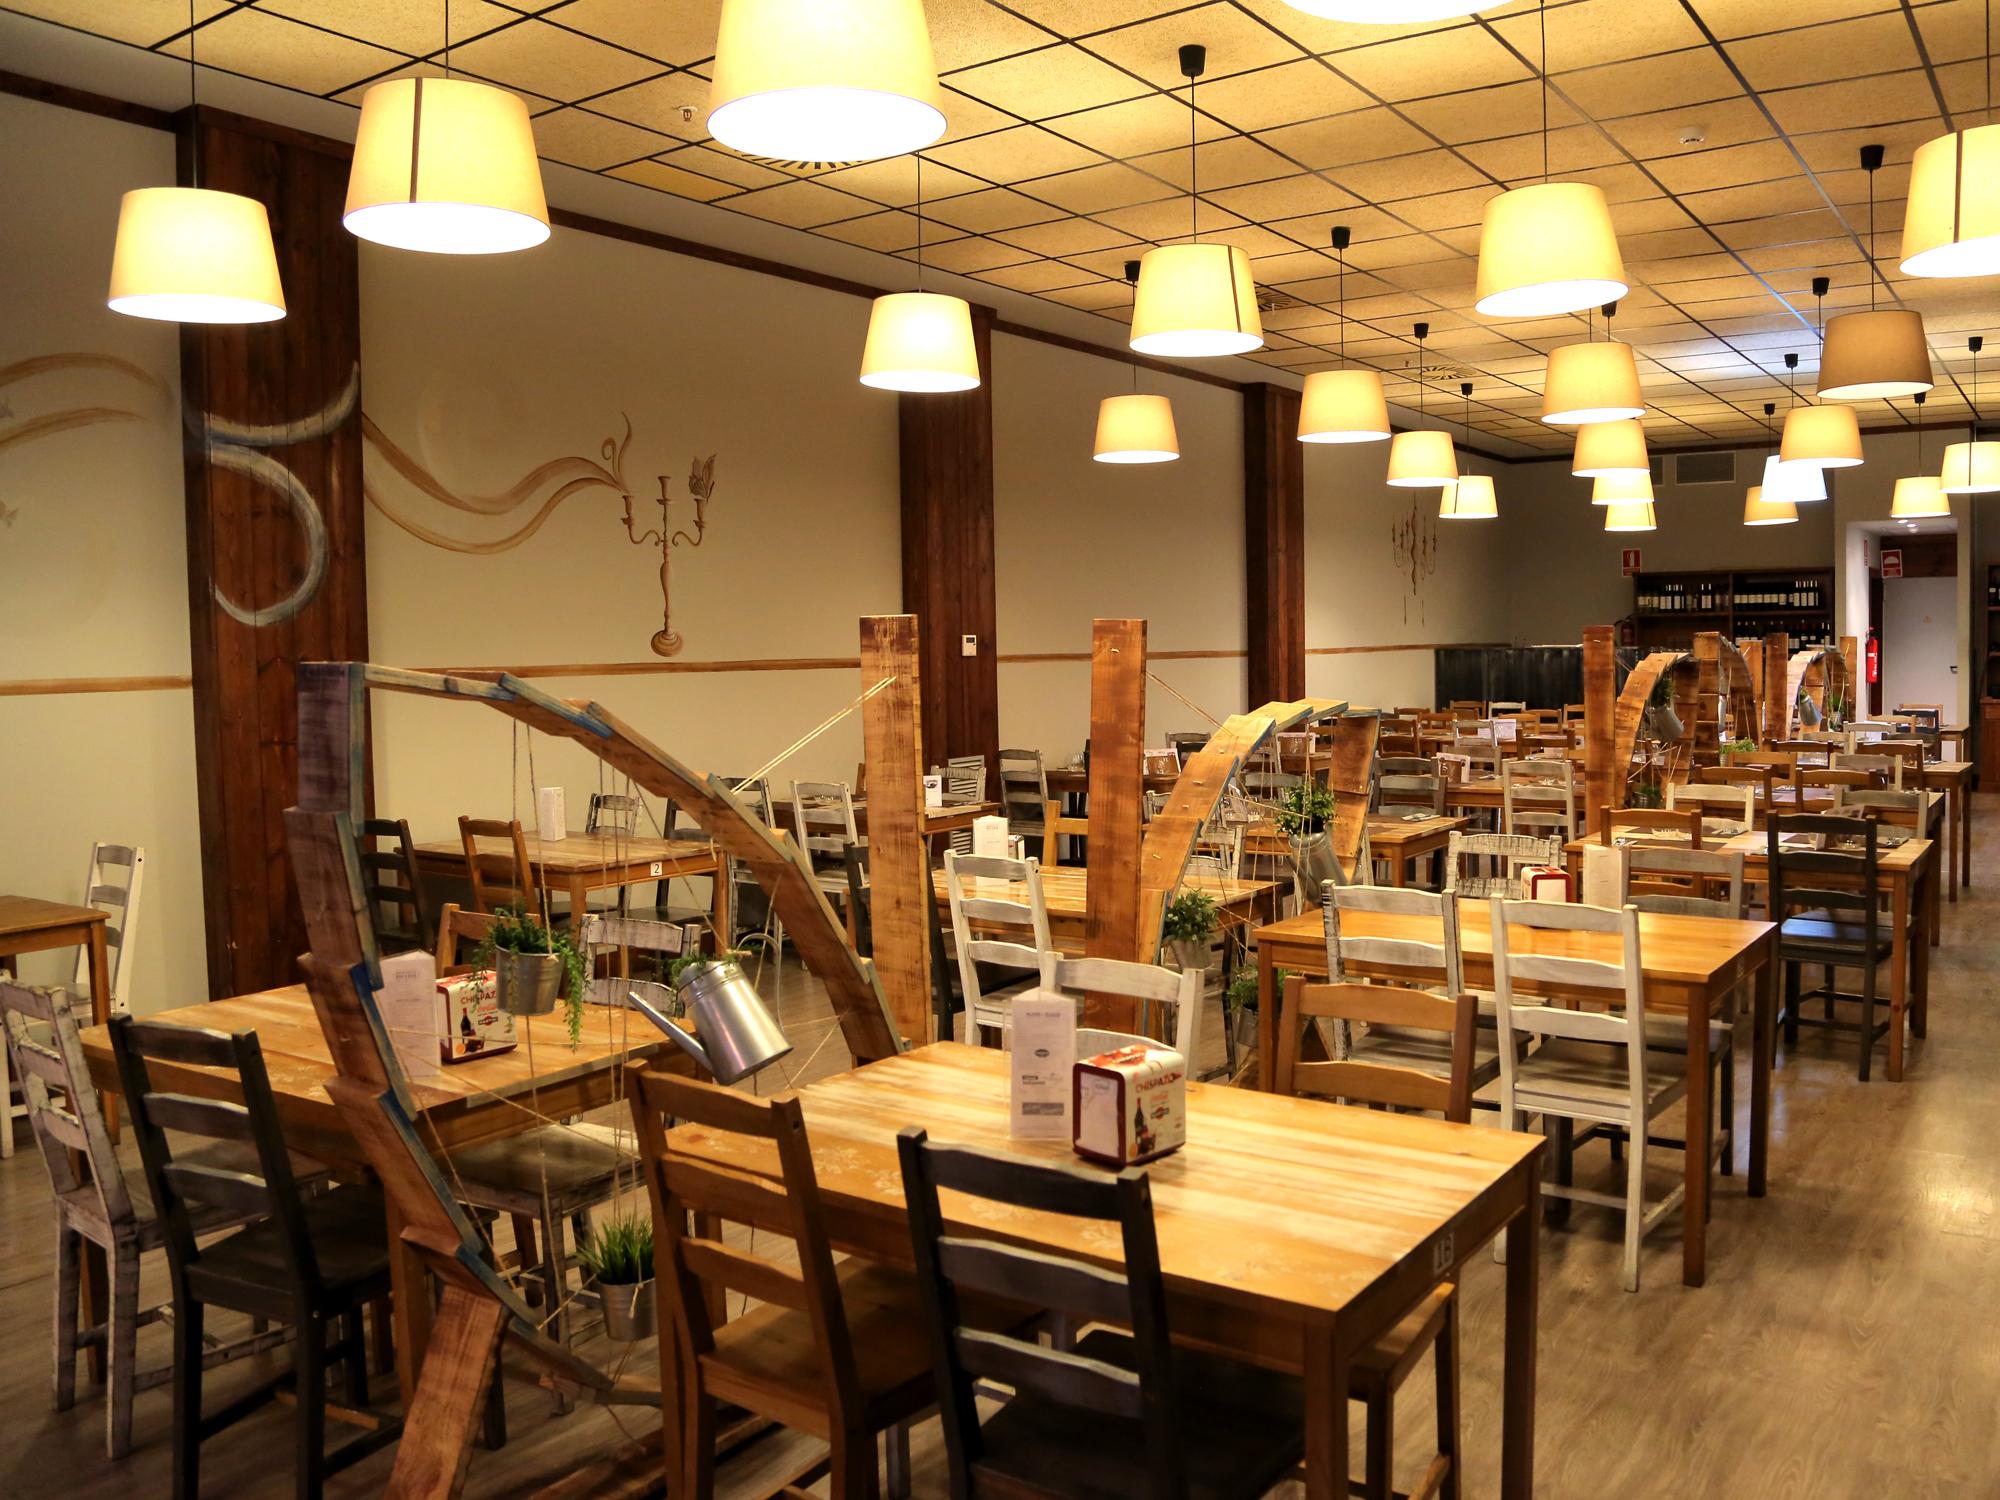 Ayuntamiento de zaragoza restaurantes el molino de san for Zaragoza oficina de turismo